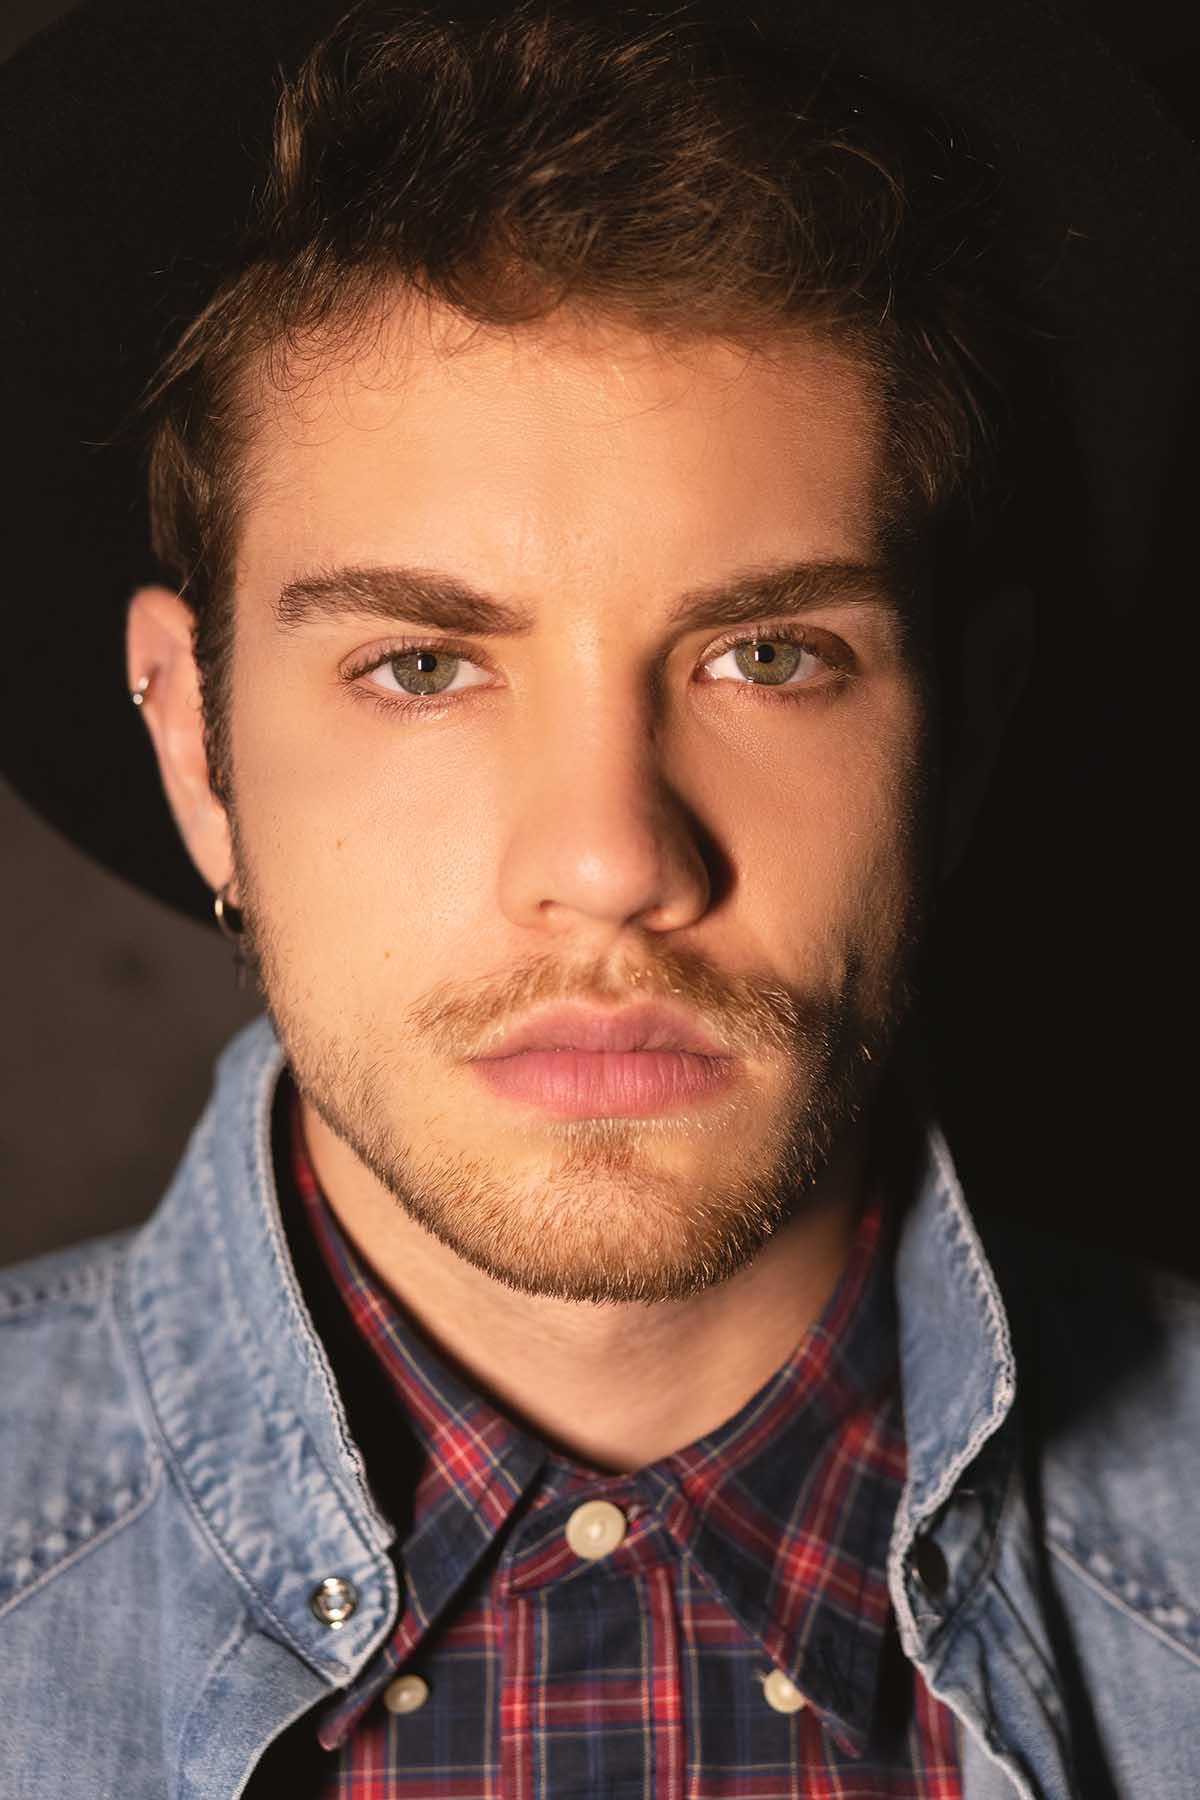 Guilherme Kozinharski by Anderson Silva for Brazilian Male Model